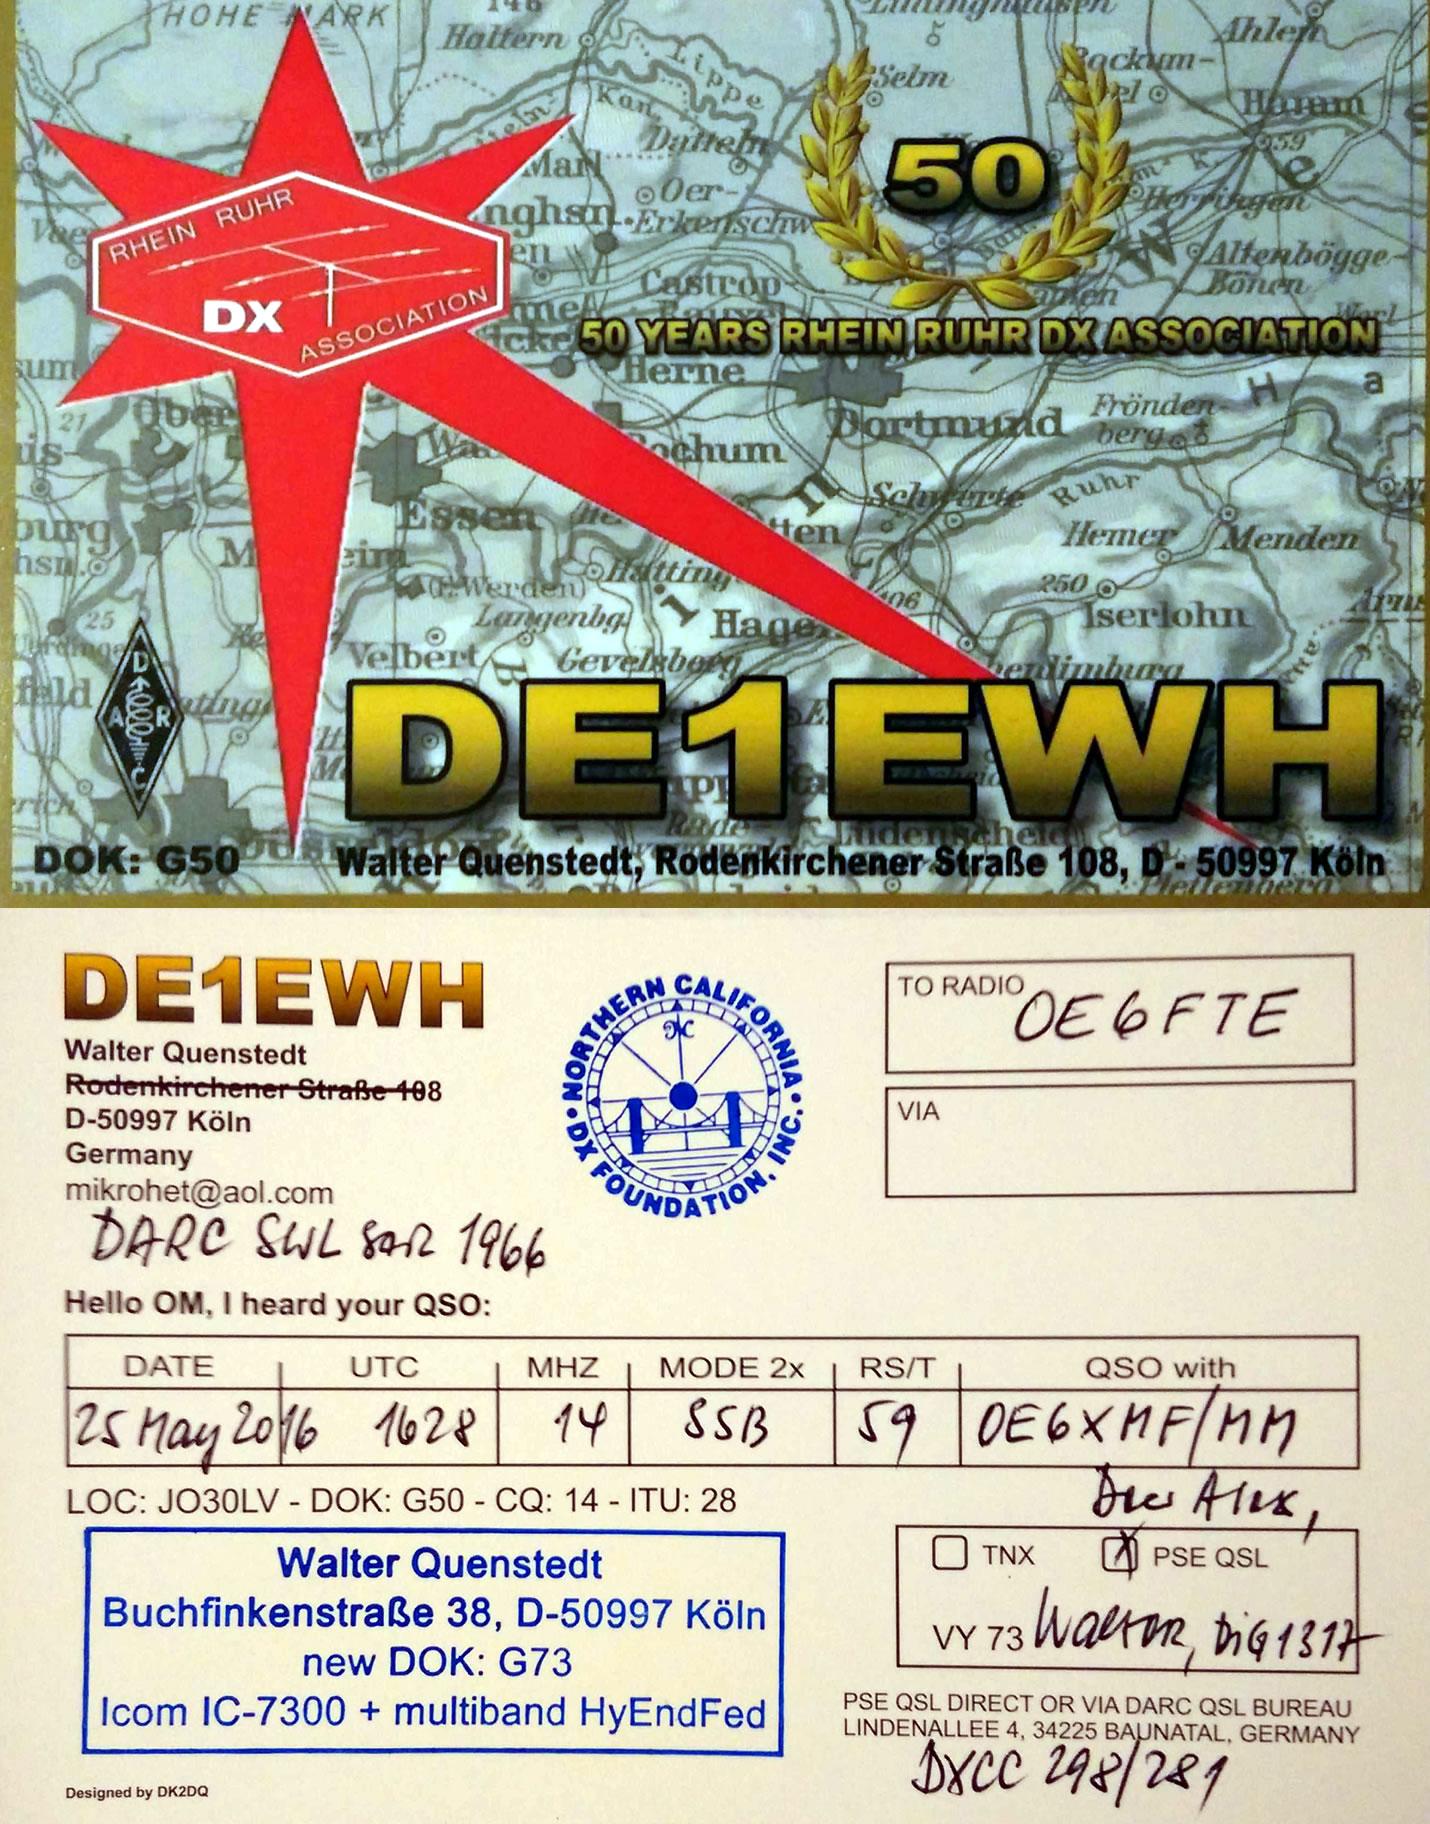 DE1EWH